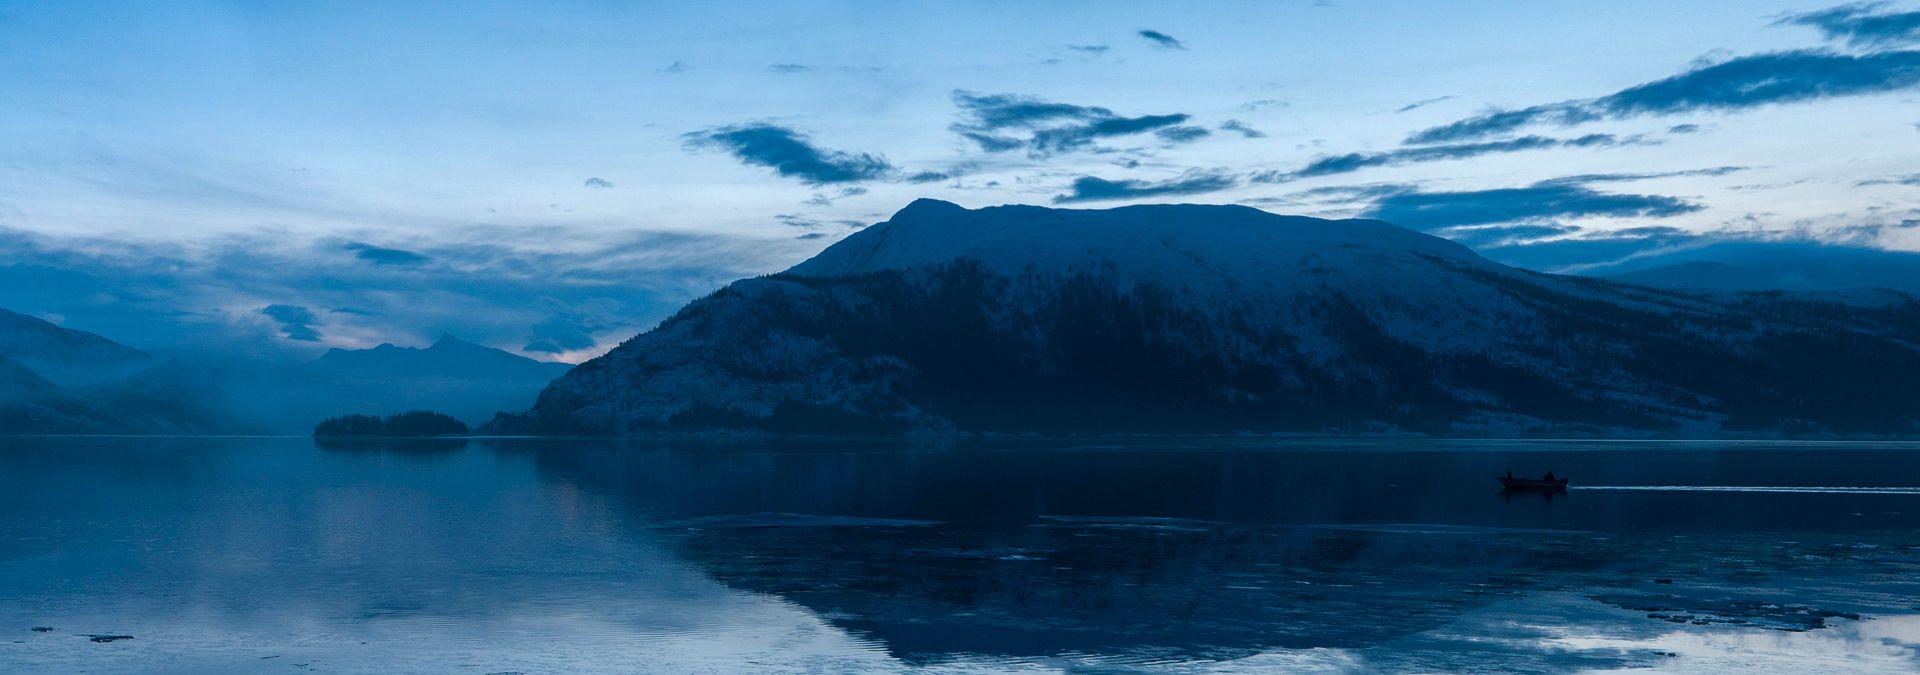 Desember er en eneste lang blå time på Helgeland. (Foto: Kristoffer Møllevik)